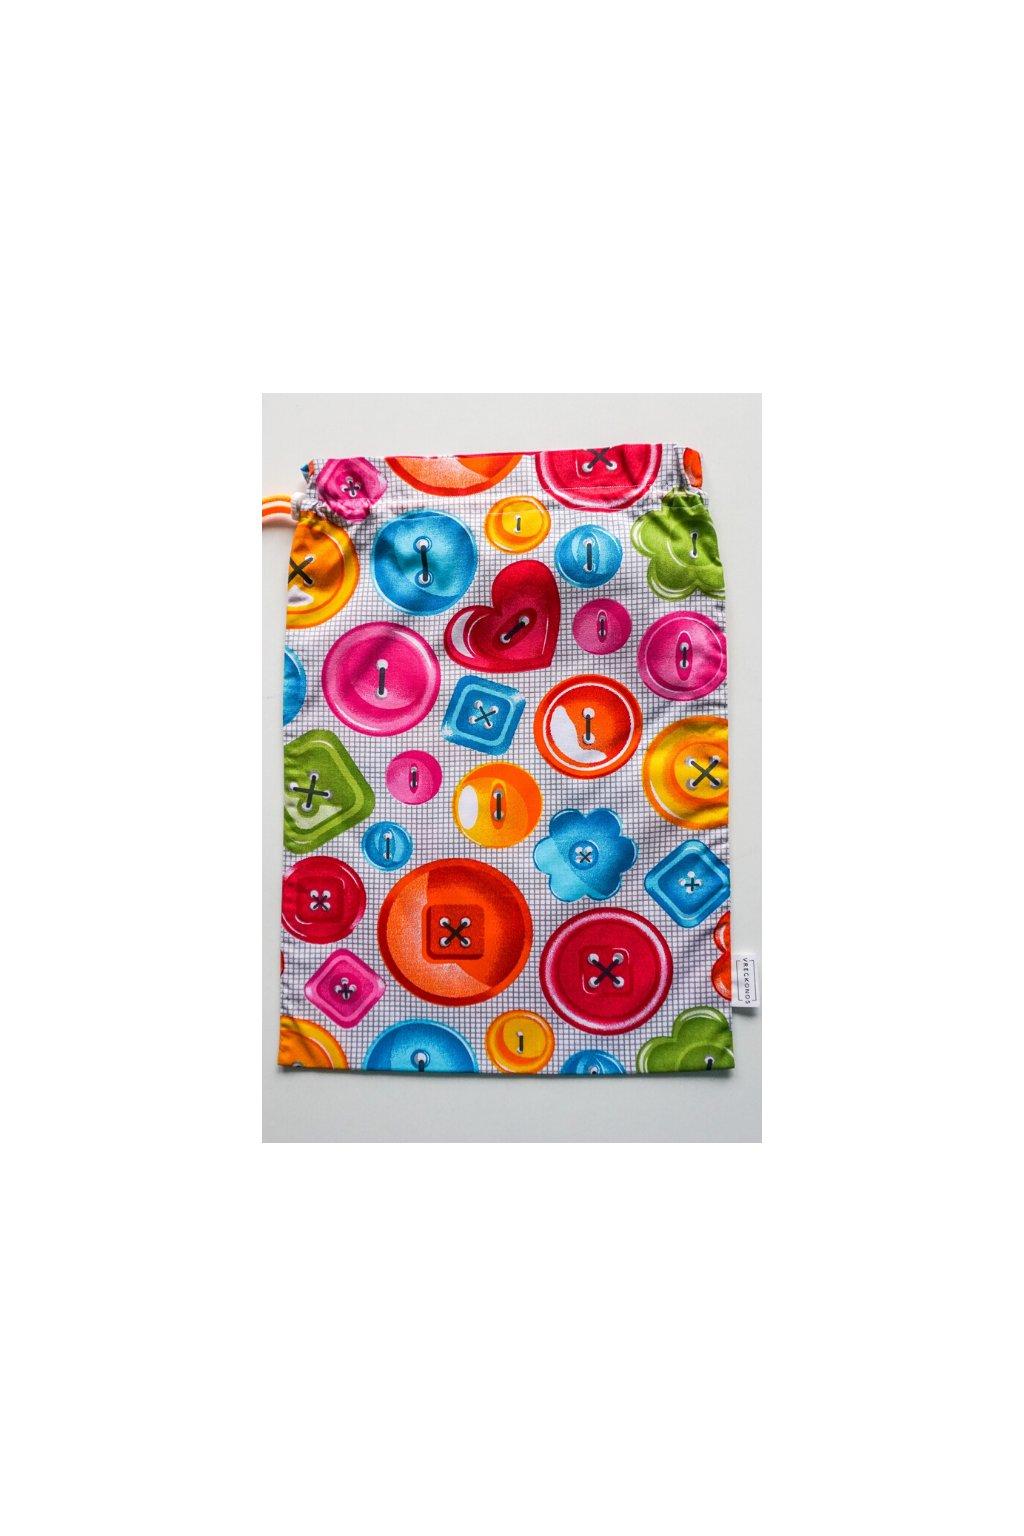 látkové bavlnené vrecko na ovocie, zeleninu, pečivo a chlebík •  motiv gombička Vreckonos